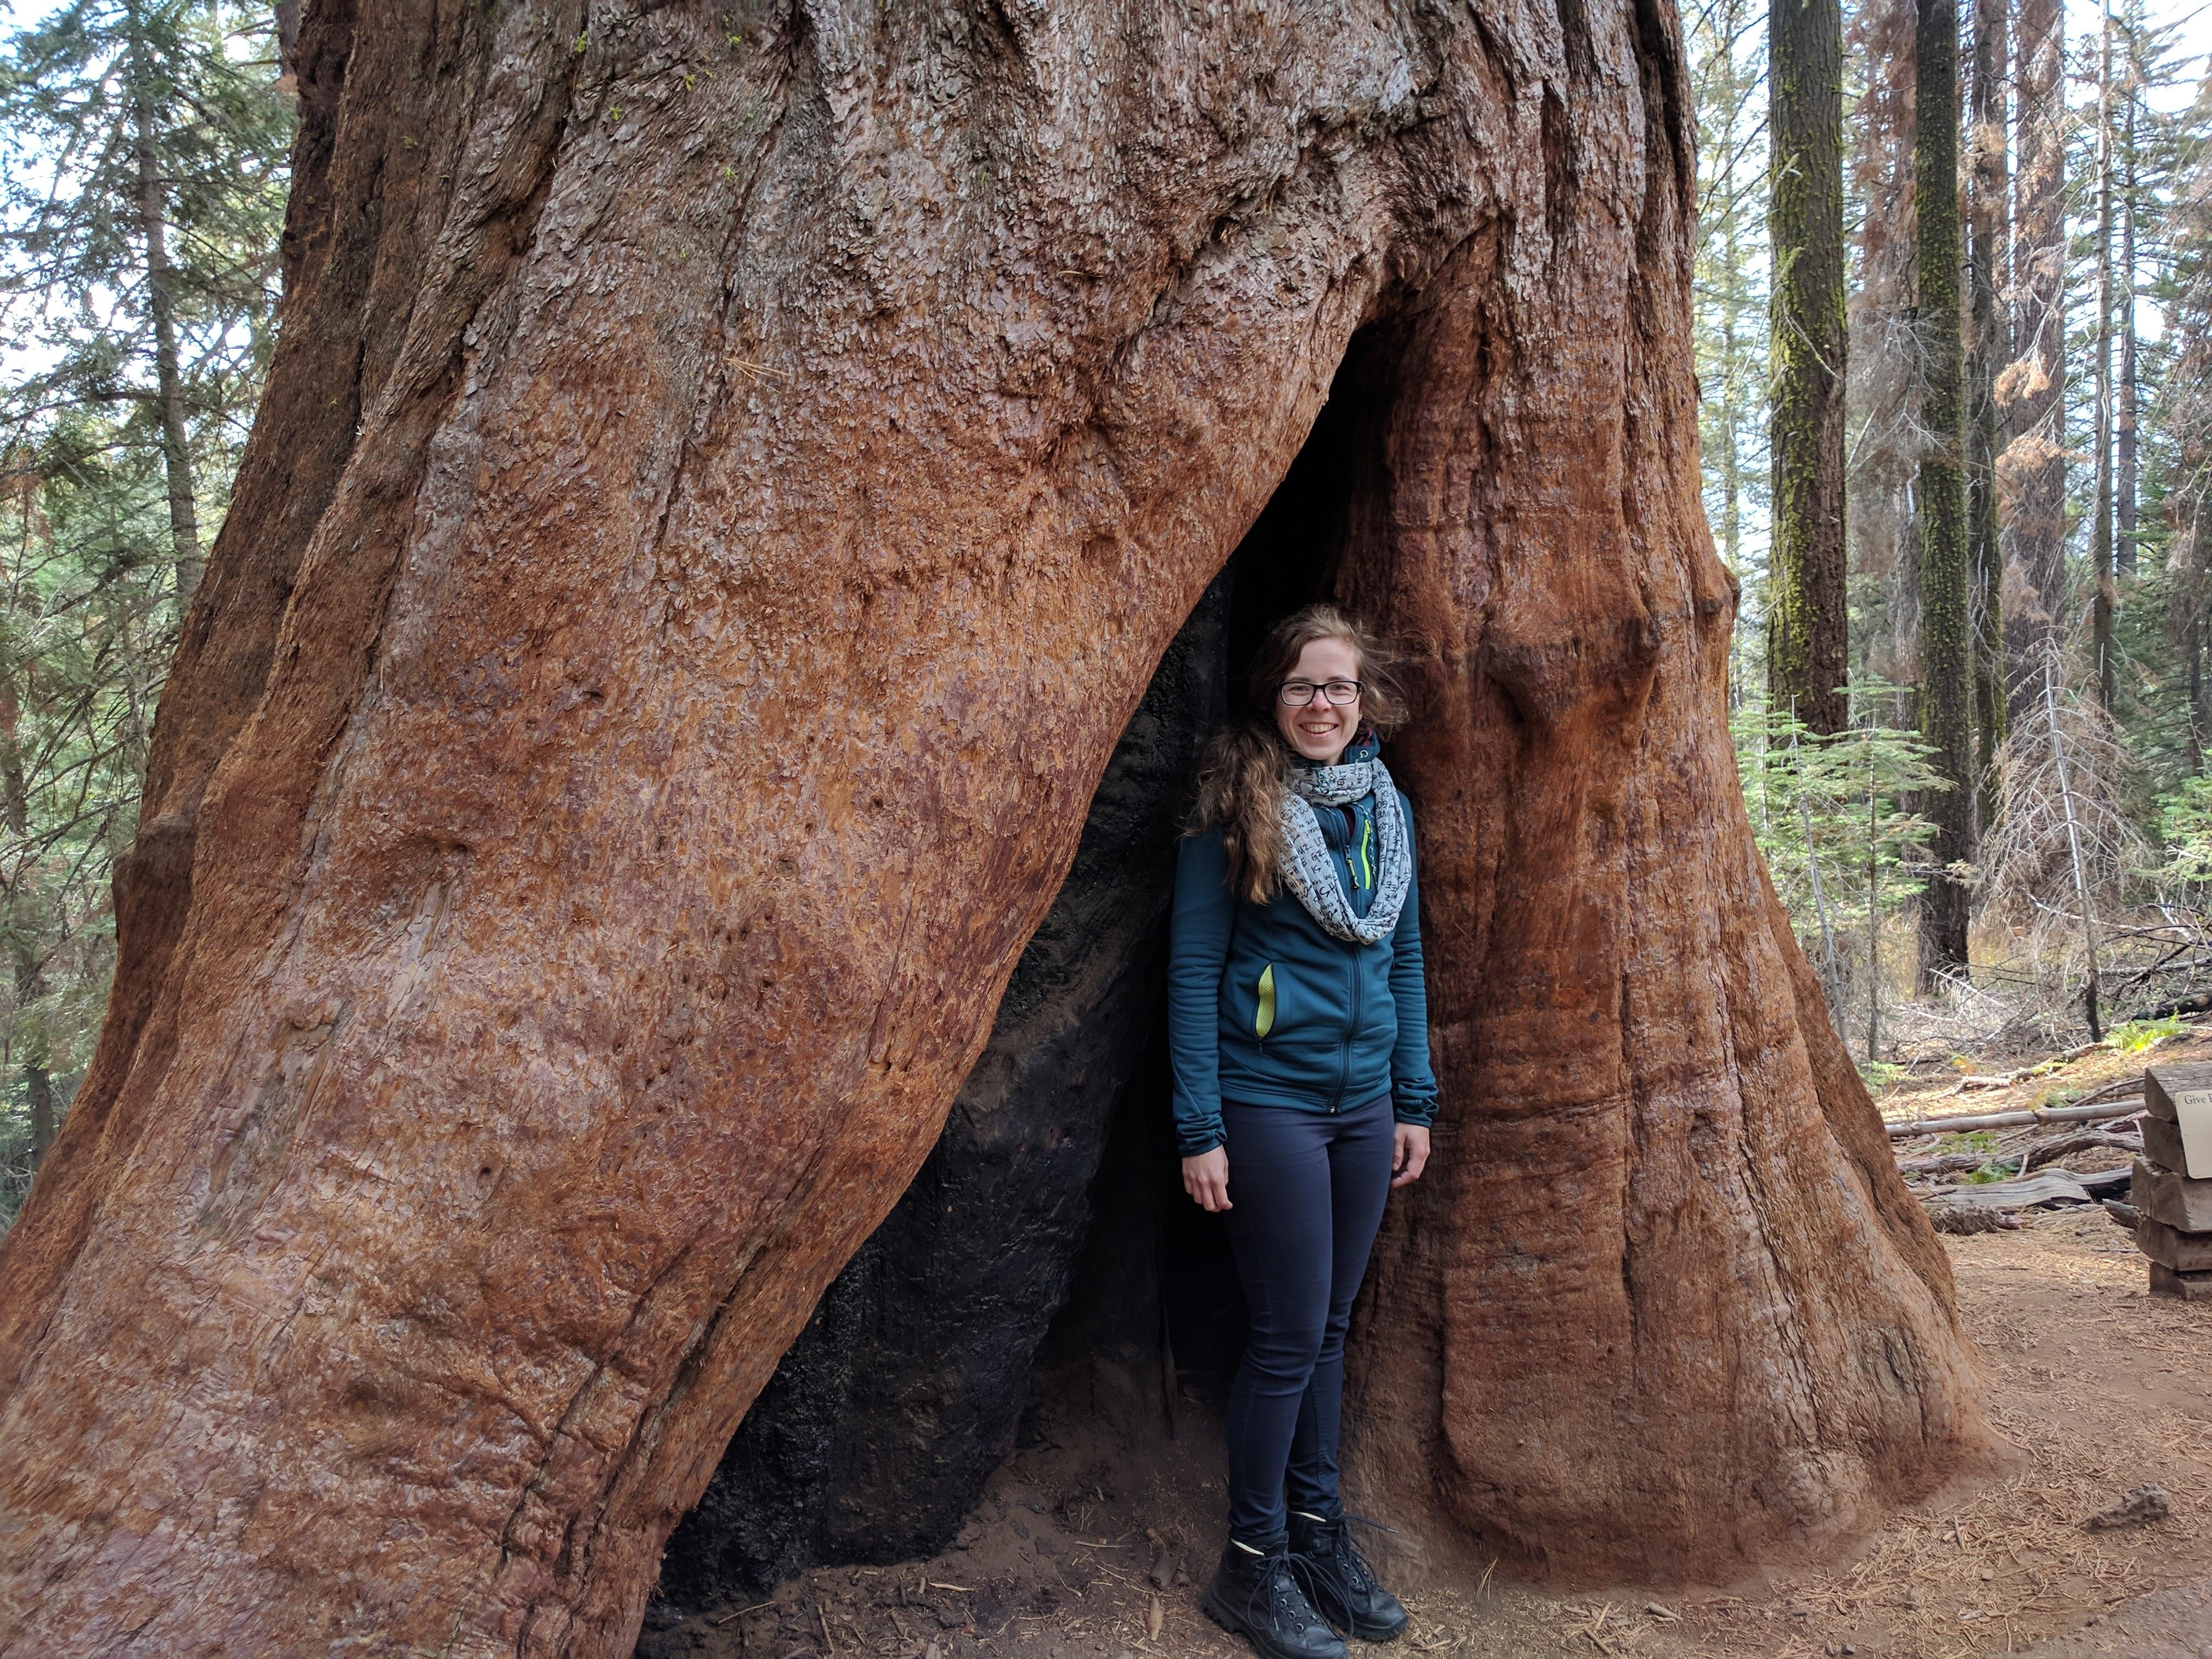 Tuolomne Grove - Giant Sequoias